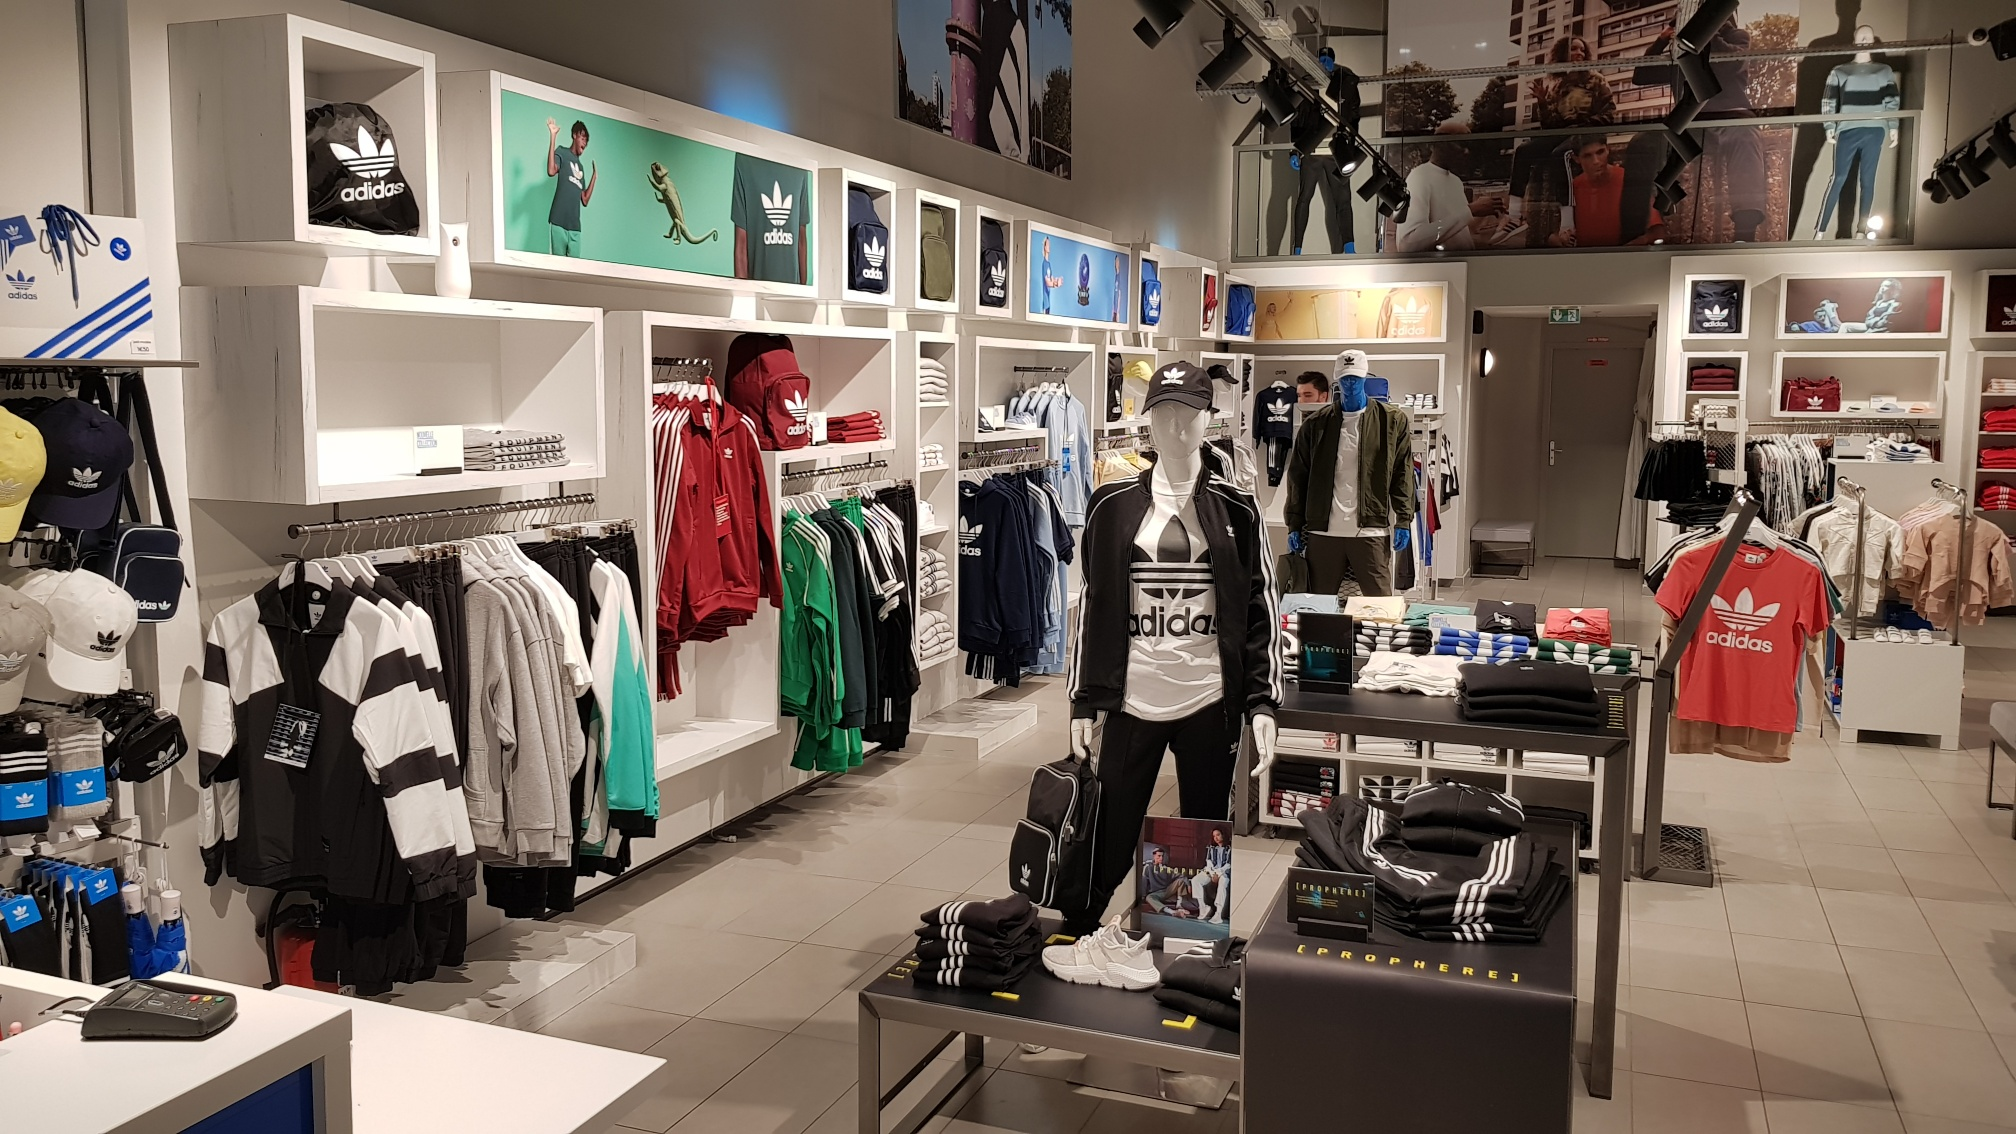 Acheter adidas boutique original pas cher ici en ligne avec le prix le plus  bas possible. Remises spéciales sur les nouvelles offres 2018. 29ea519f27